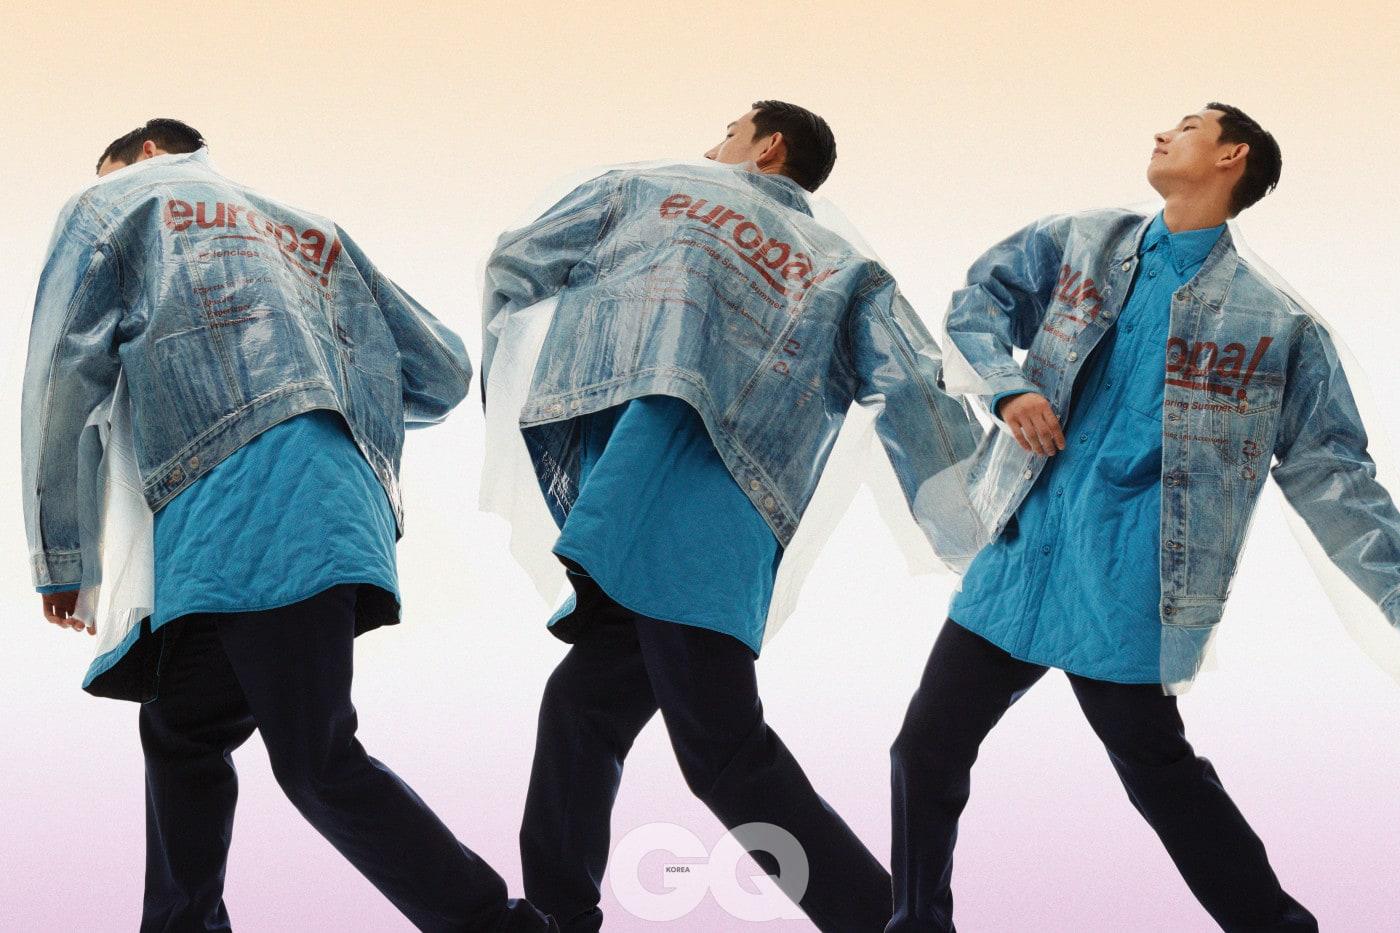 드라이클리닝 커버 데님 재킷, 패딩 셔츠, 팬츠 가격 미정, 모두 발렌시아가.